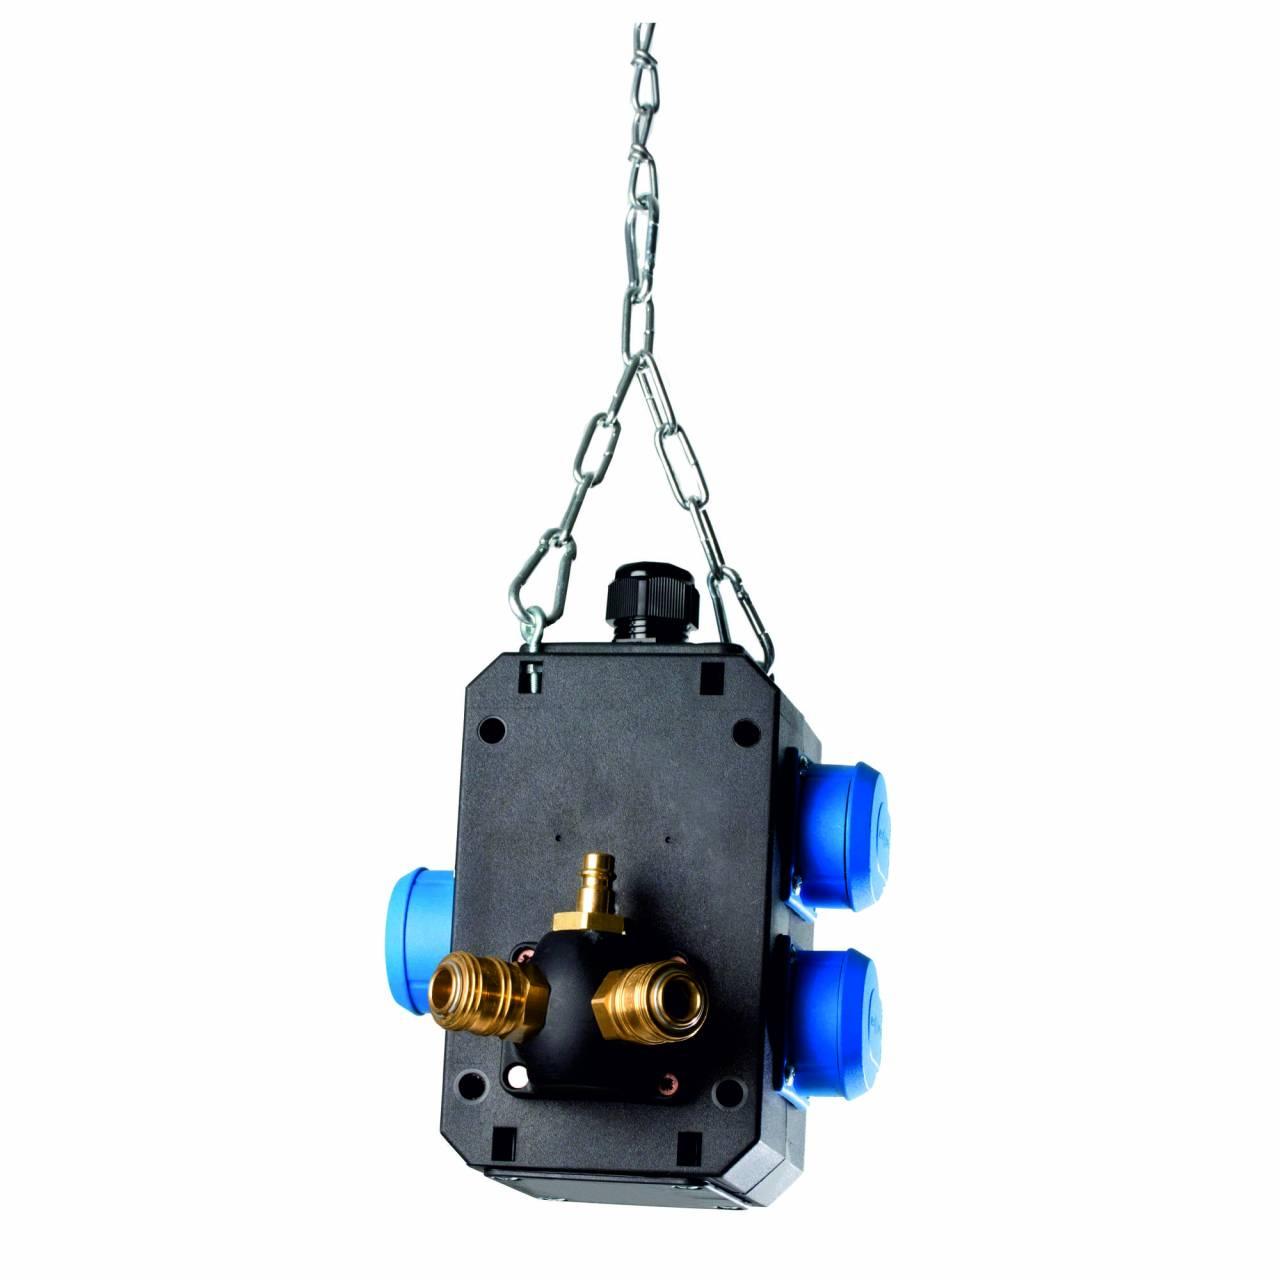 Energiewürfel: 3 x Schuko-Dosen 230V / 16A + Druckluftanschluss